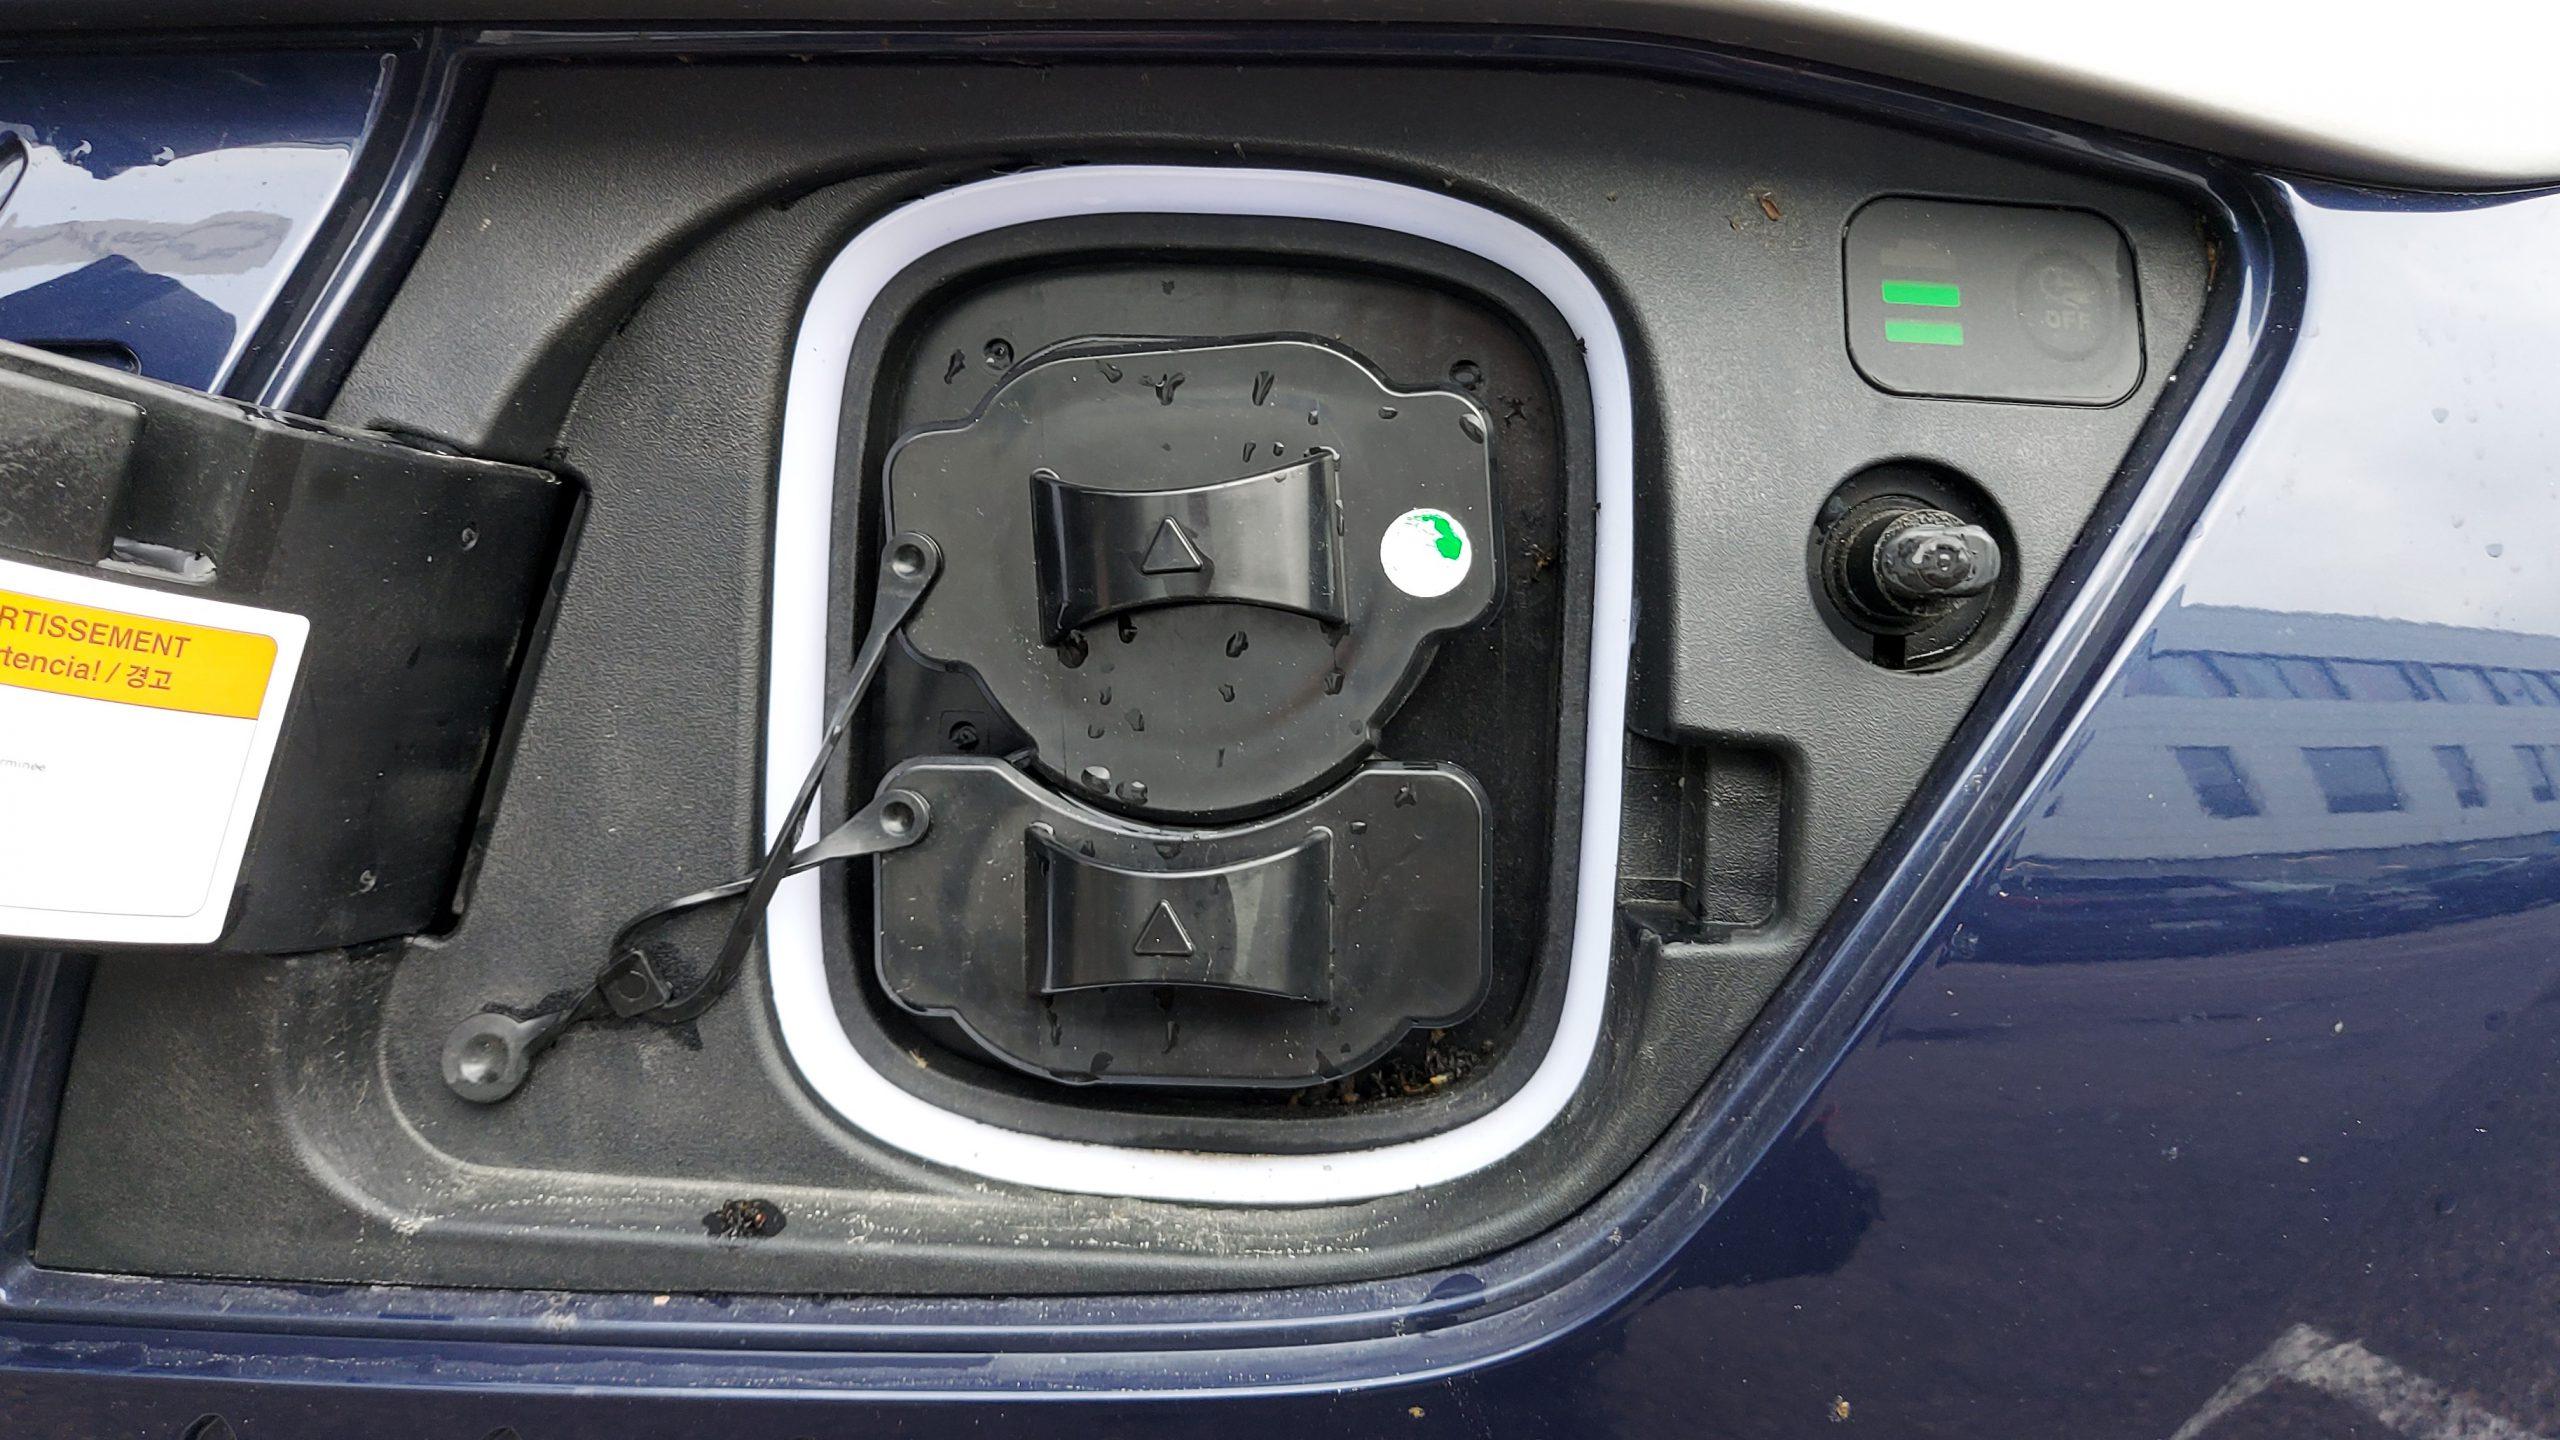 Hyundai Kona charging connector